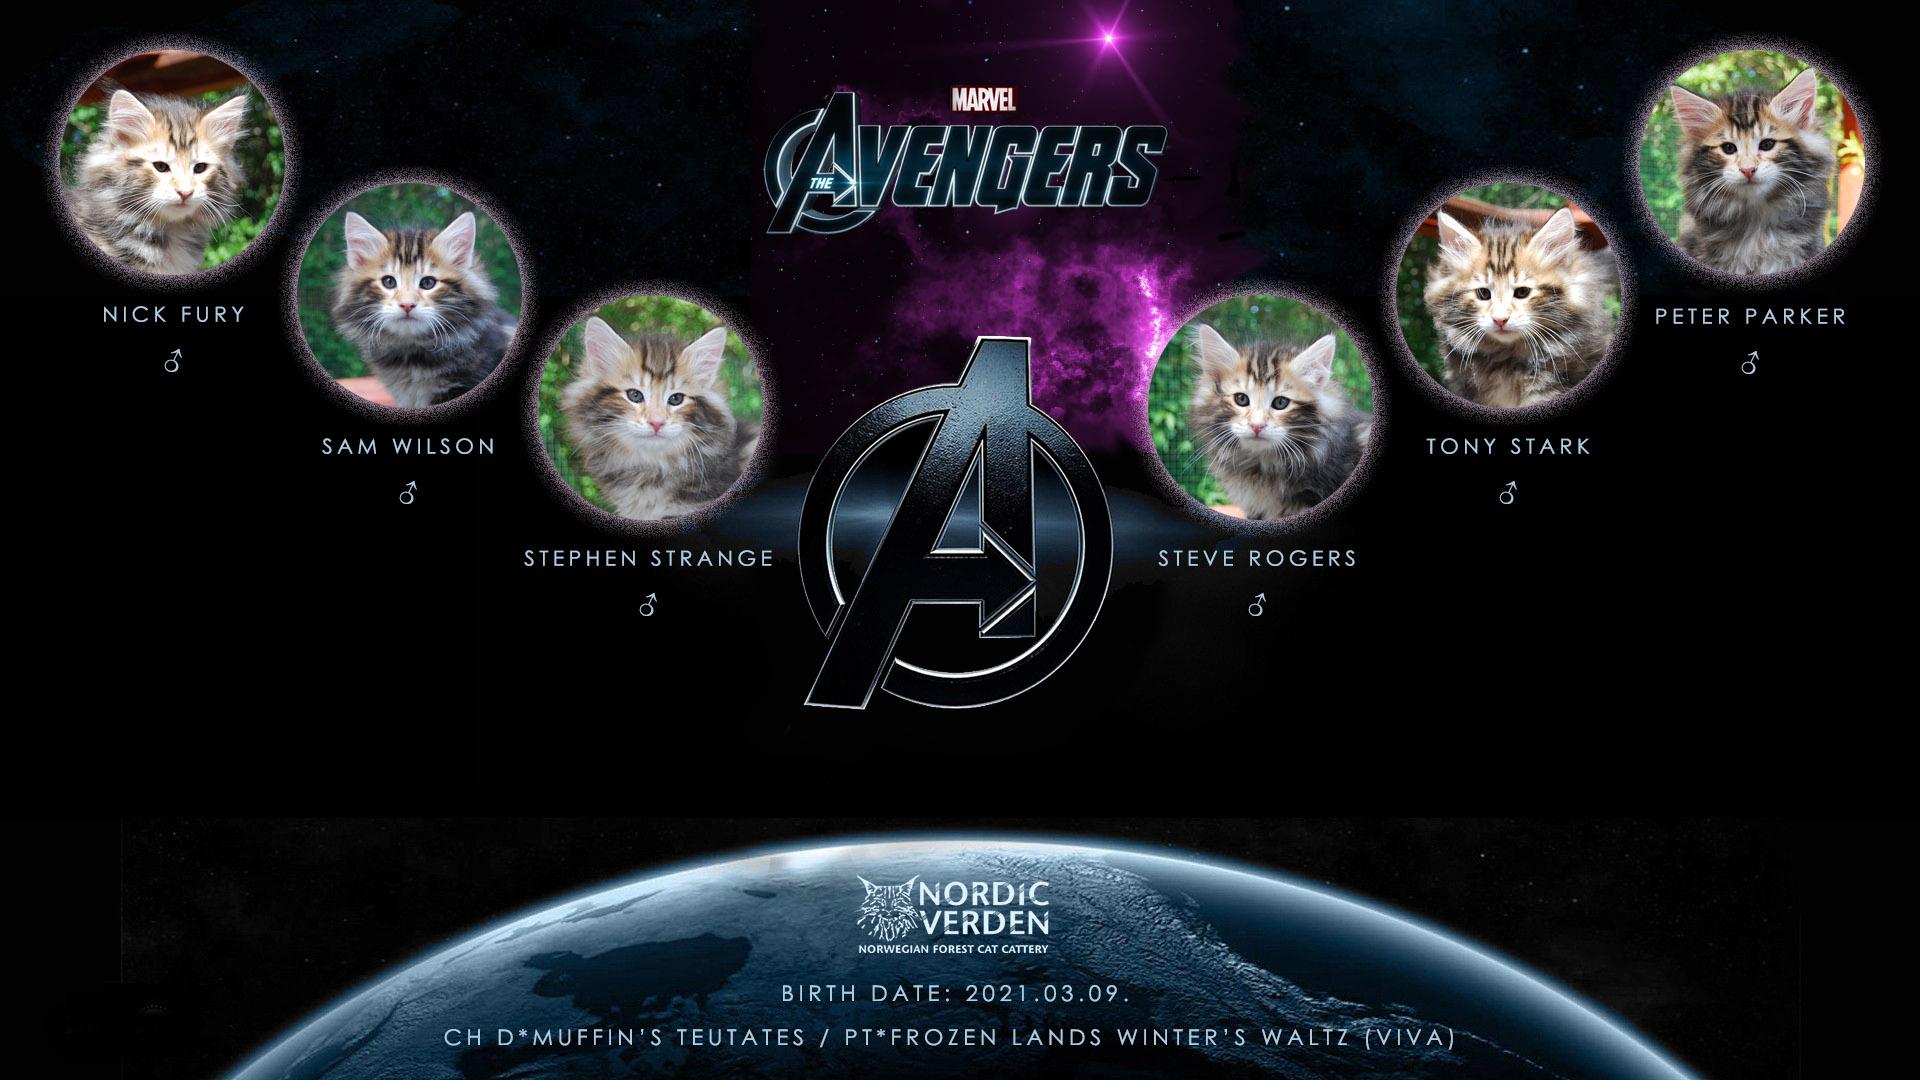 Nordic Verden - norvég erdei macska tenyészet - Marvel's The Avengers alom